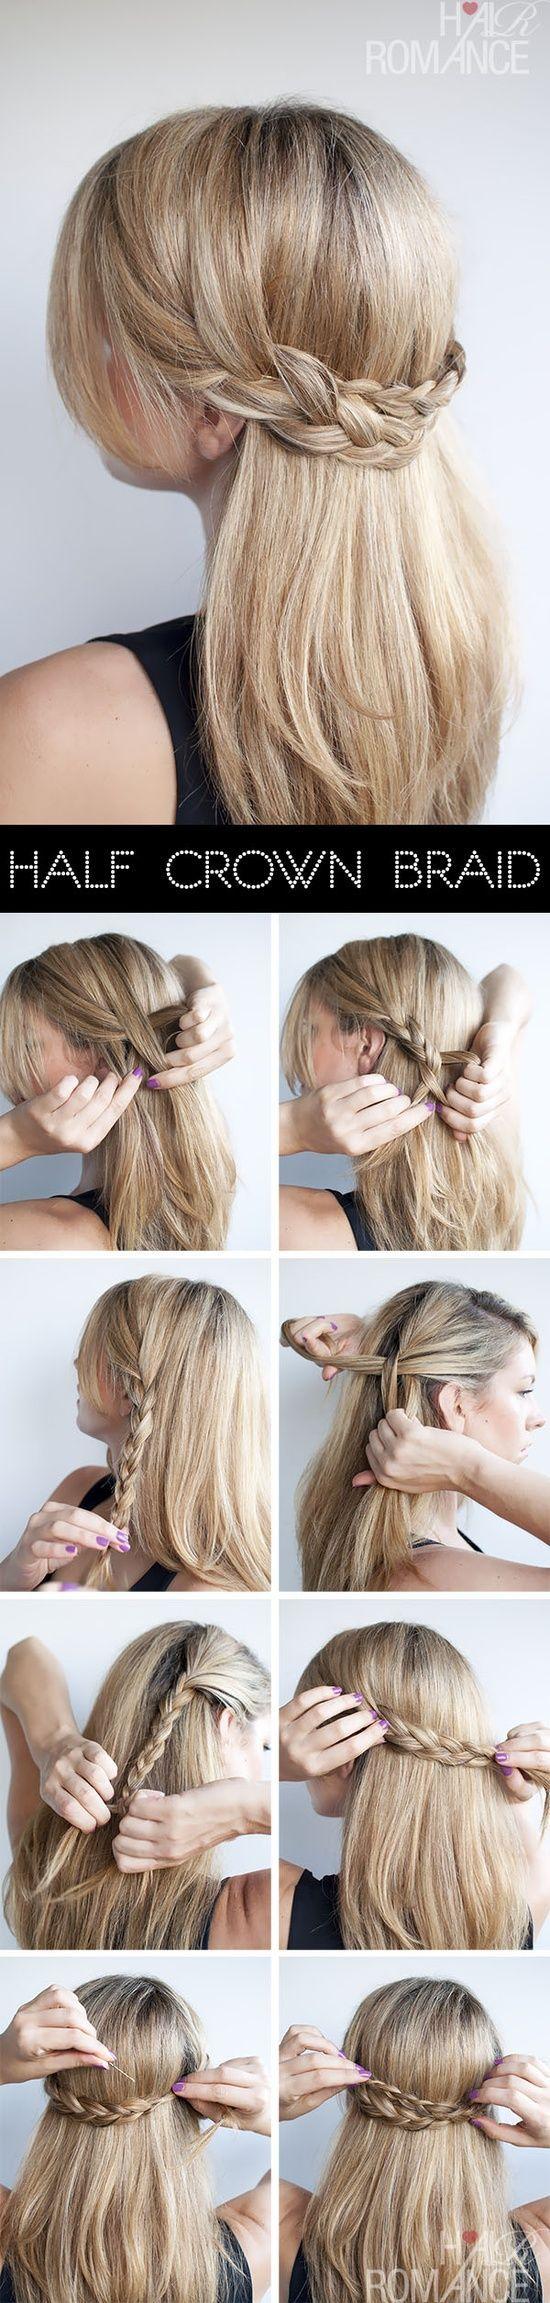 Peinados semi recogido paso a paso